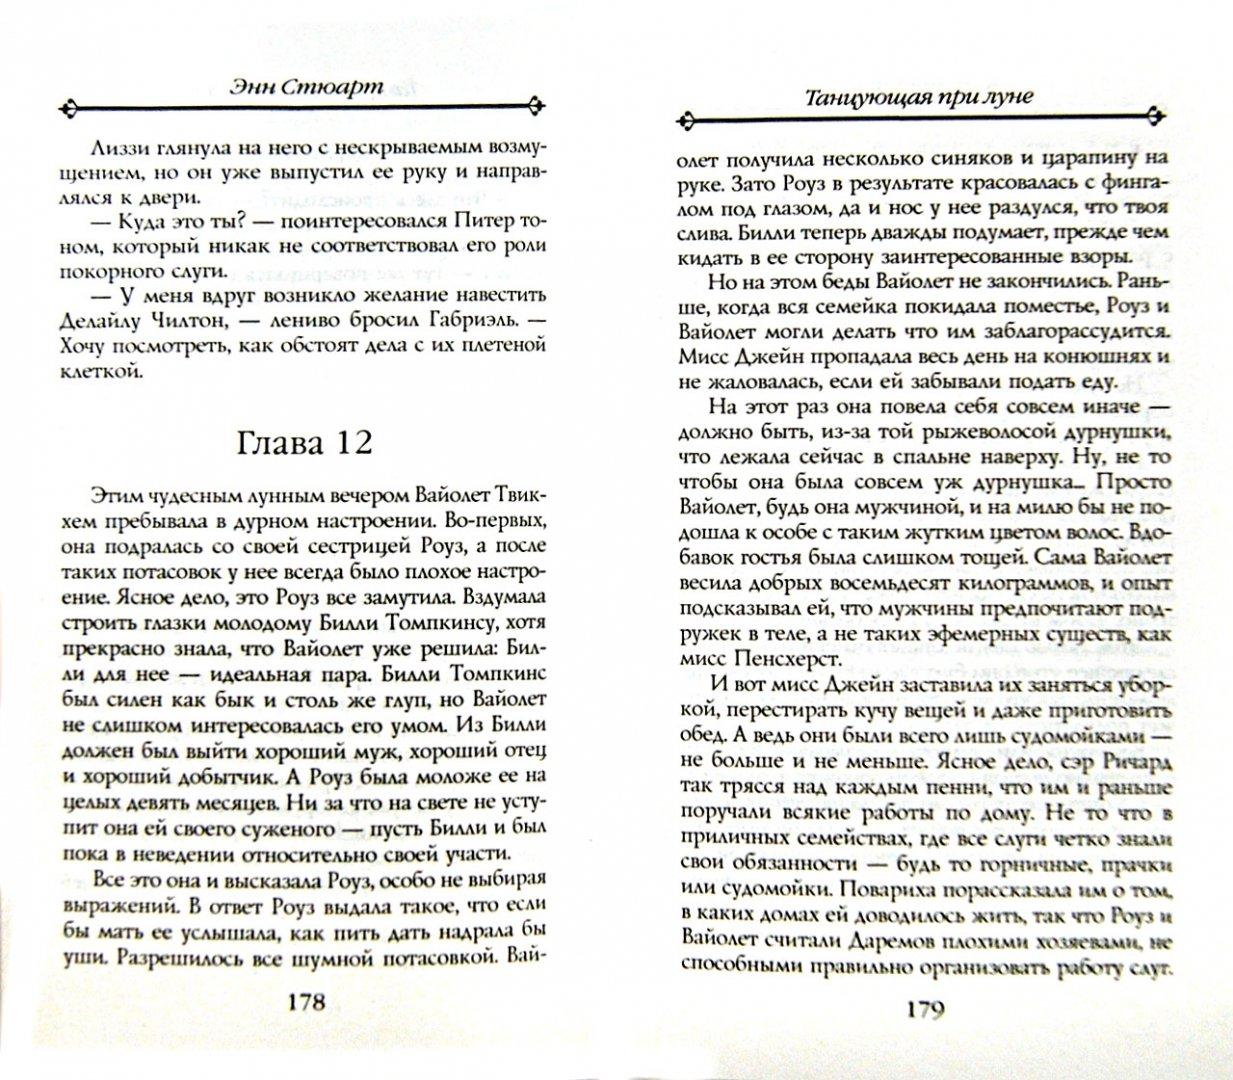 Иллюстрация 1 из 11 для Танцующая при луне - Энн Стюарт | Лабиринт - книги. Источник: Лабиринт